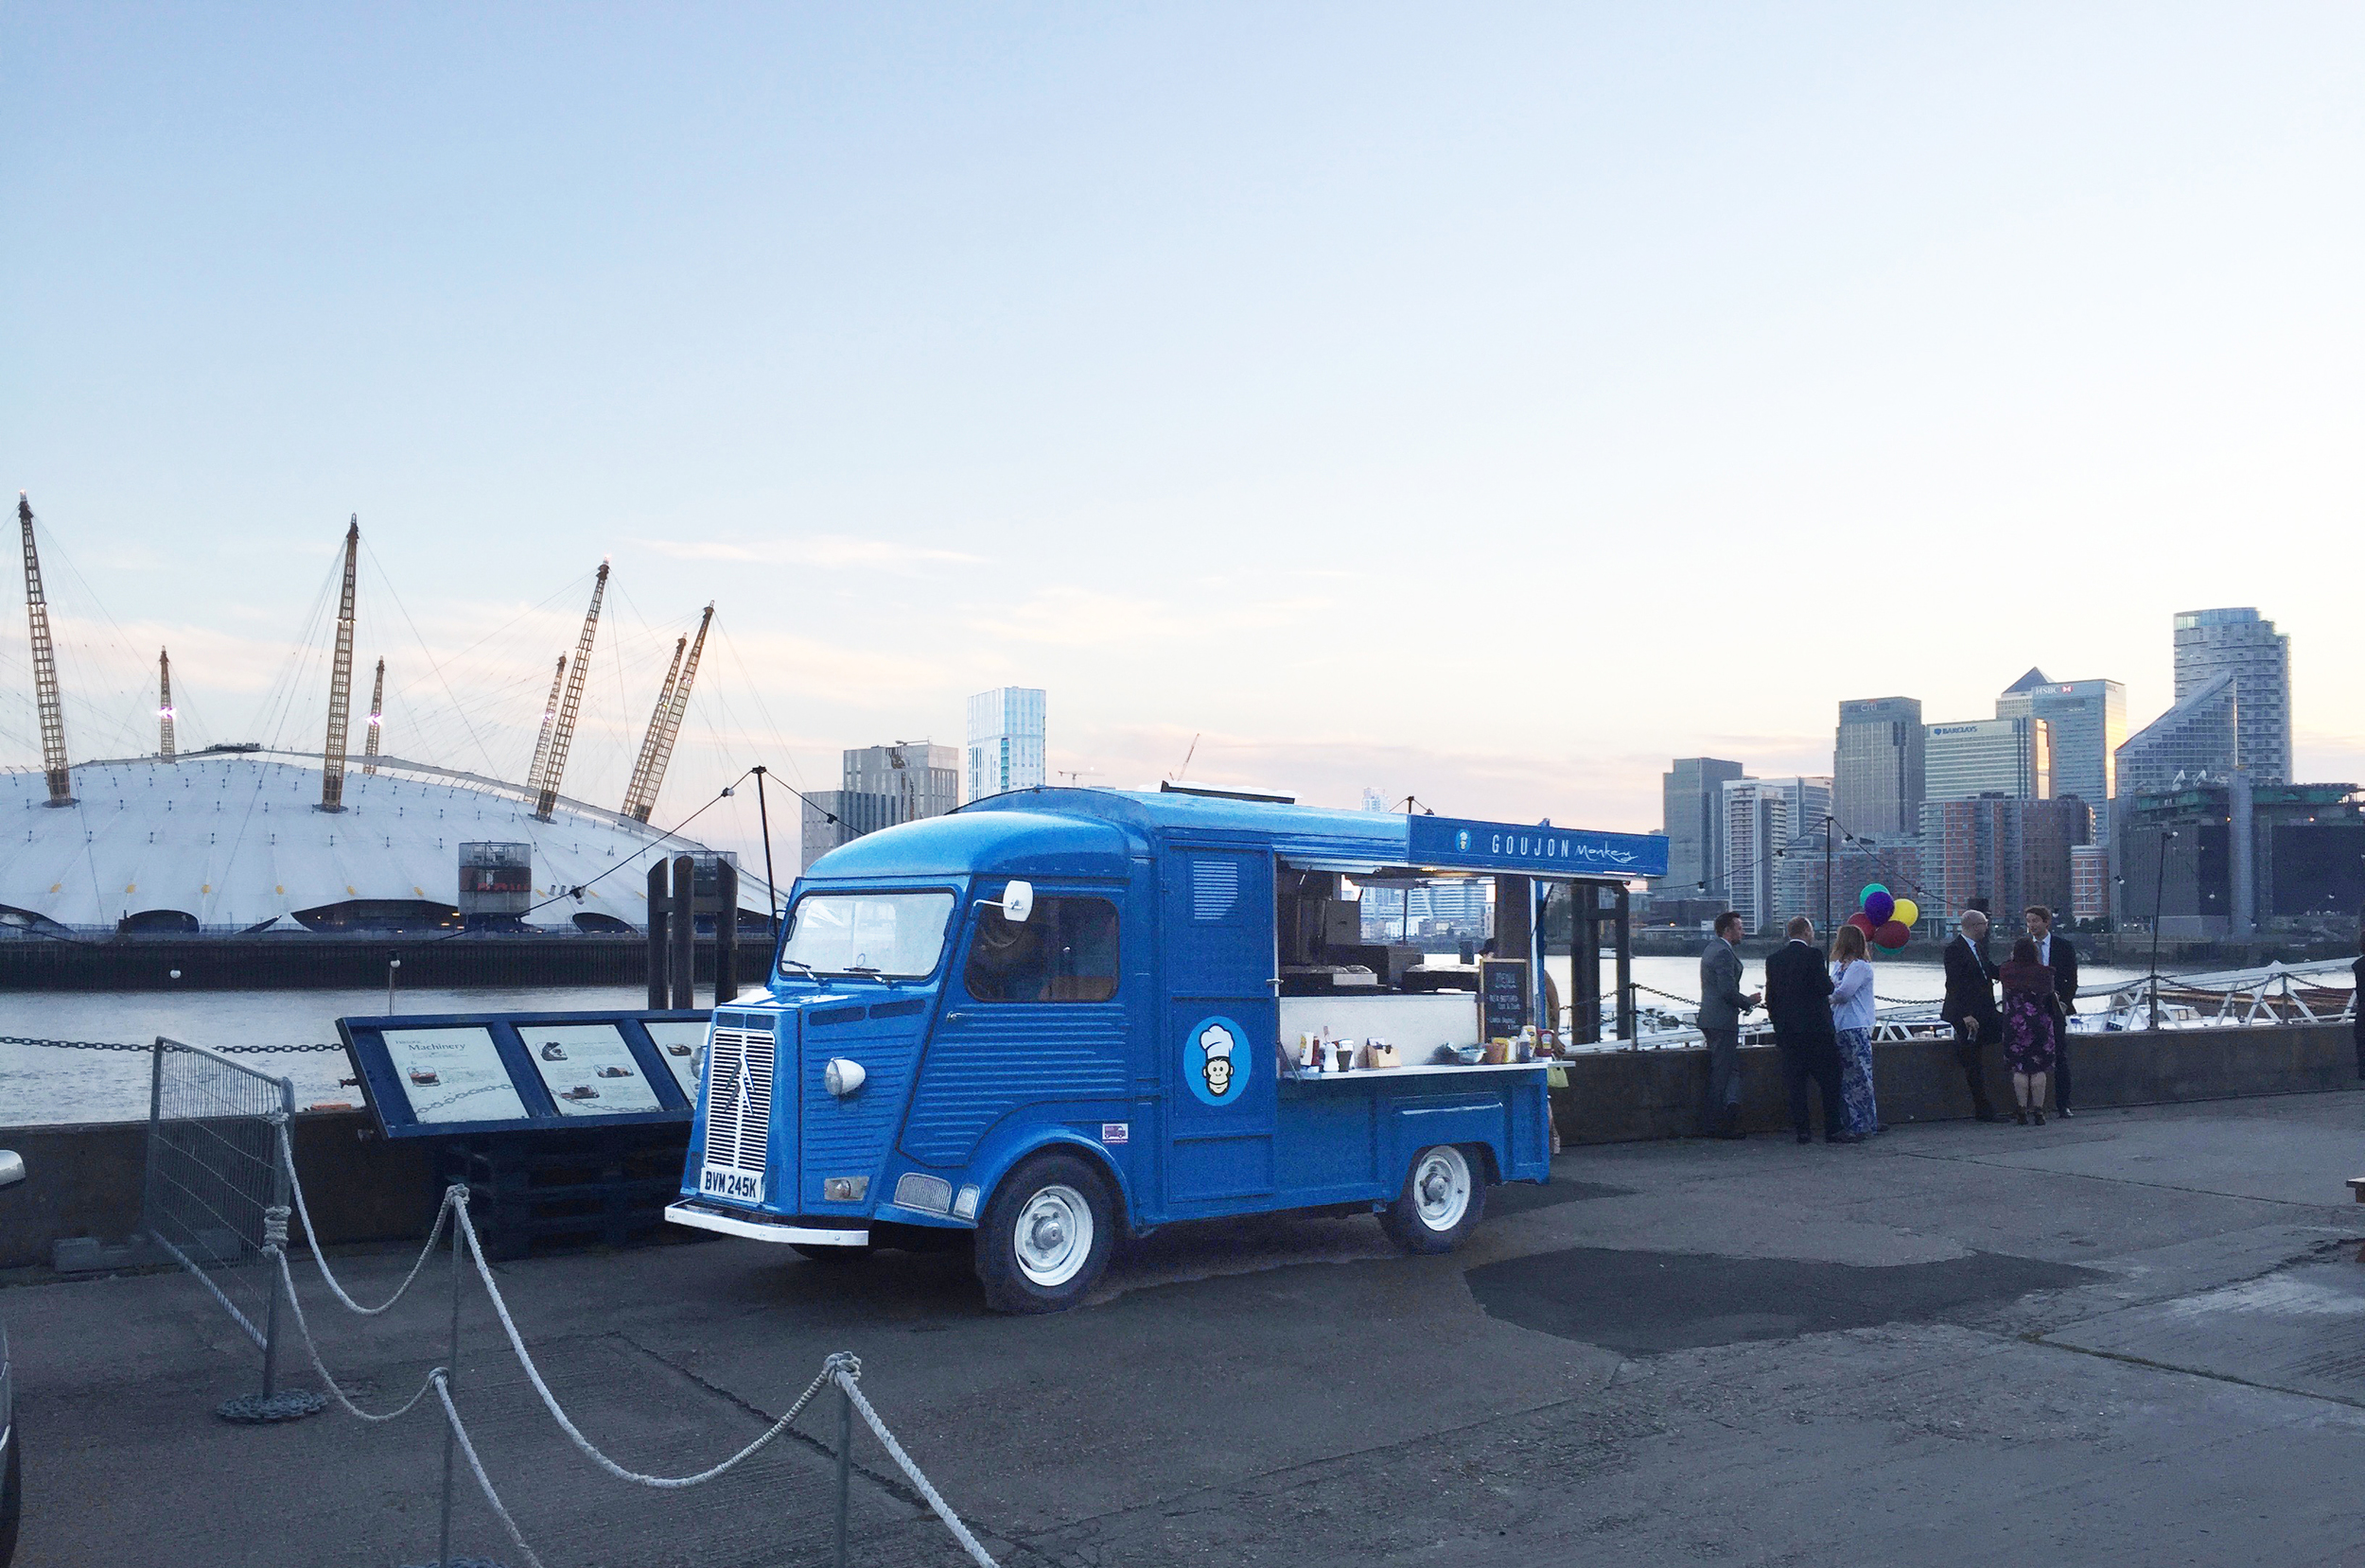 Canary Wharf 2.jpg